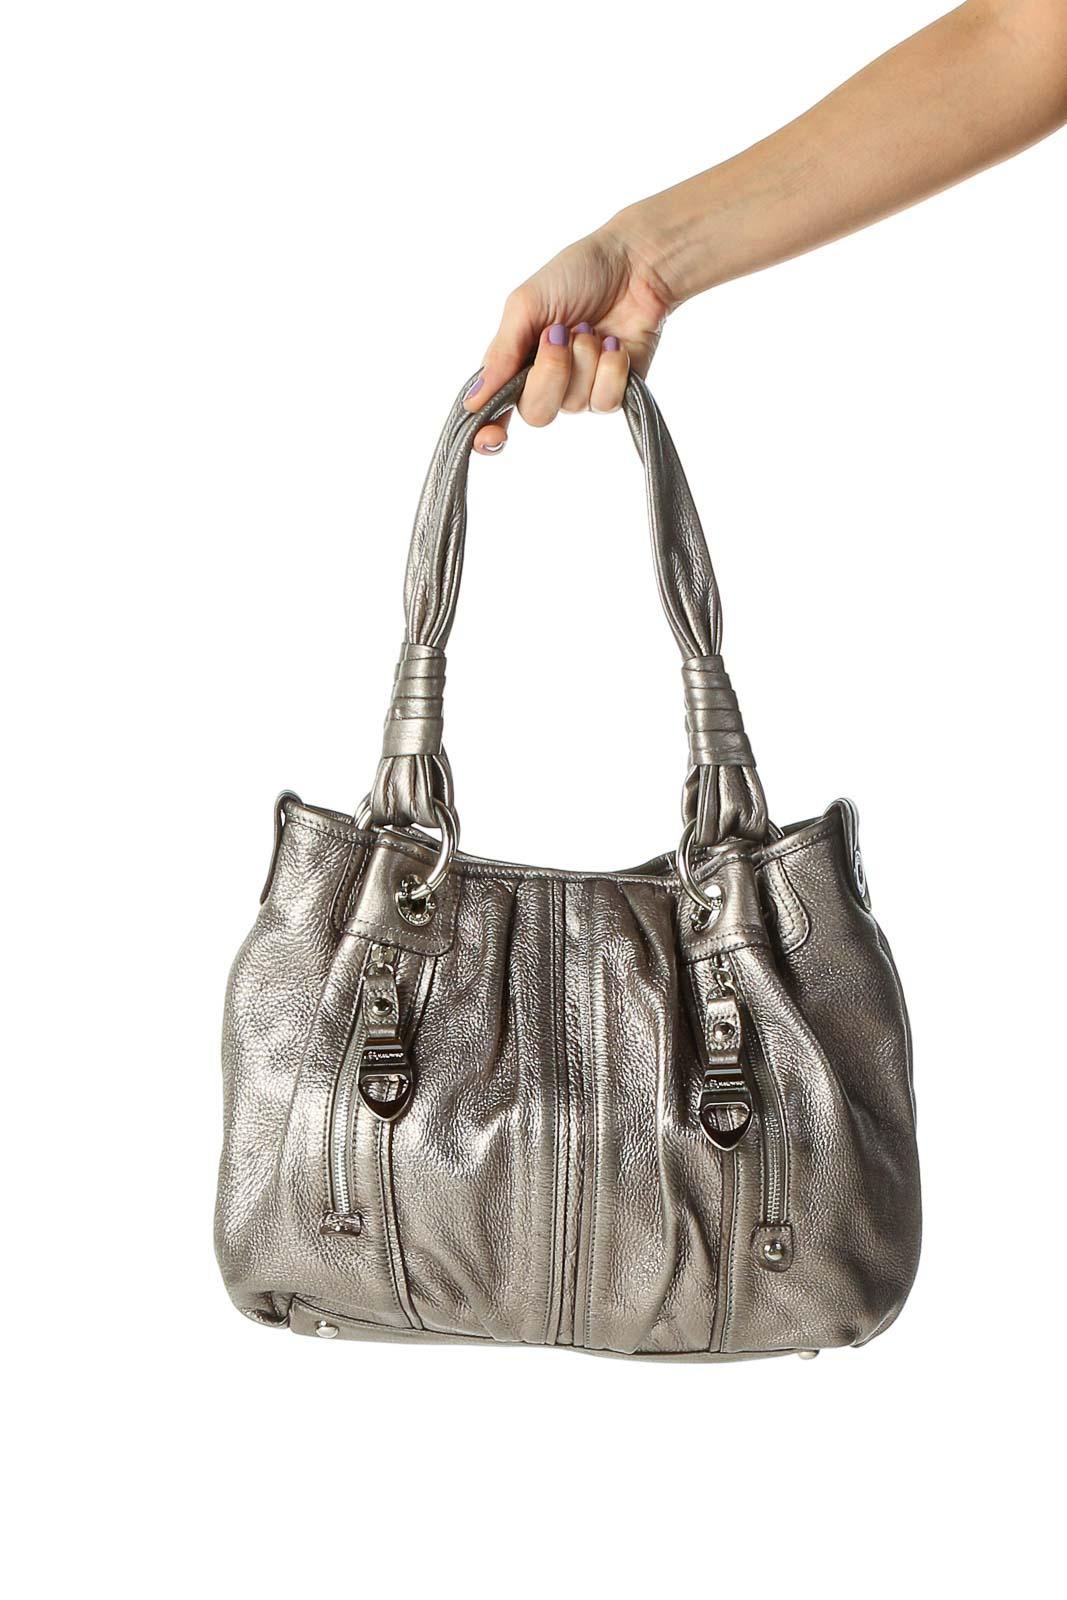 Silver Shoulder Bag Front